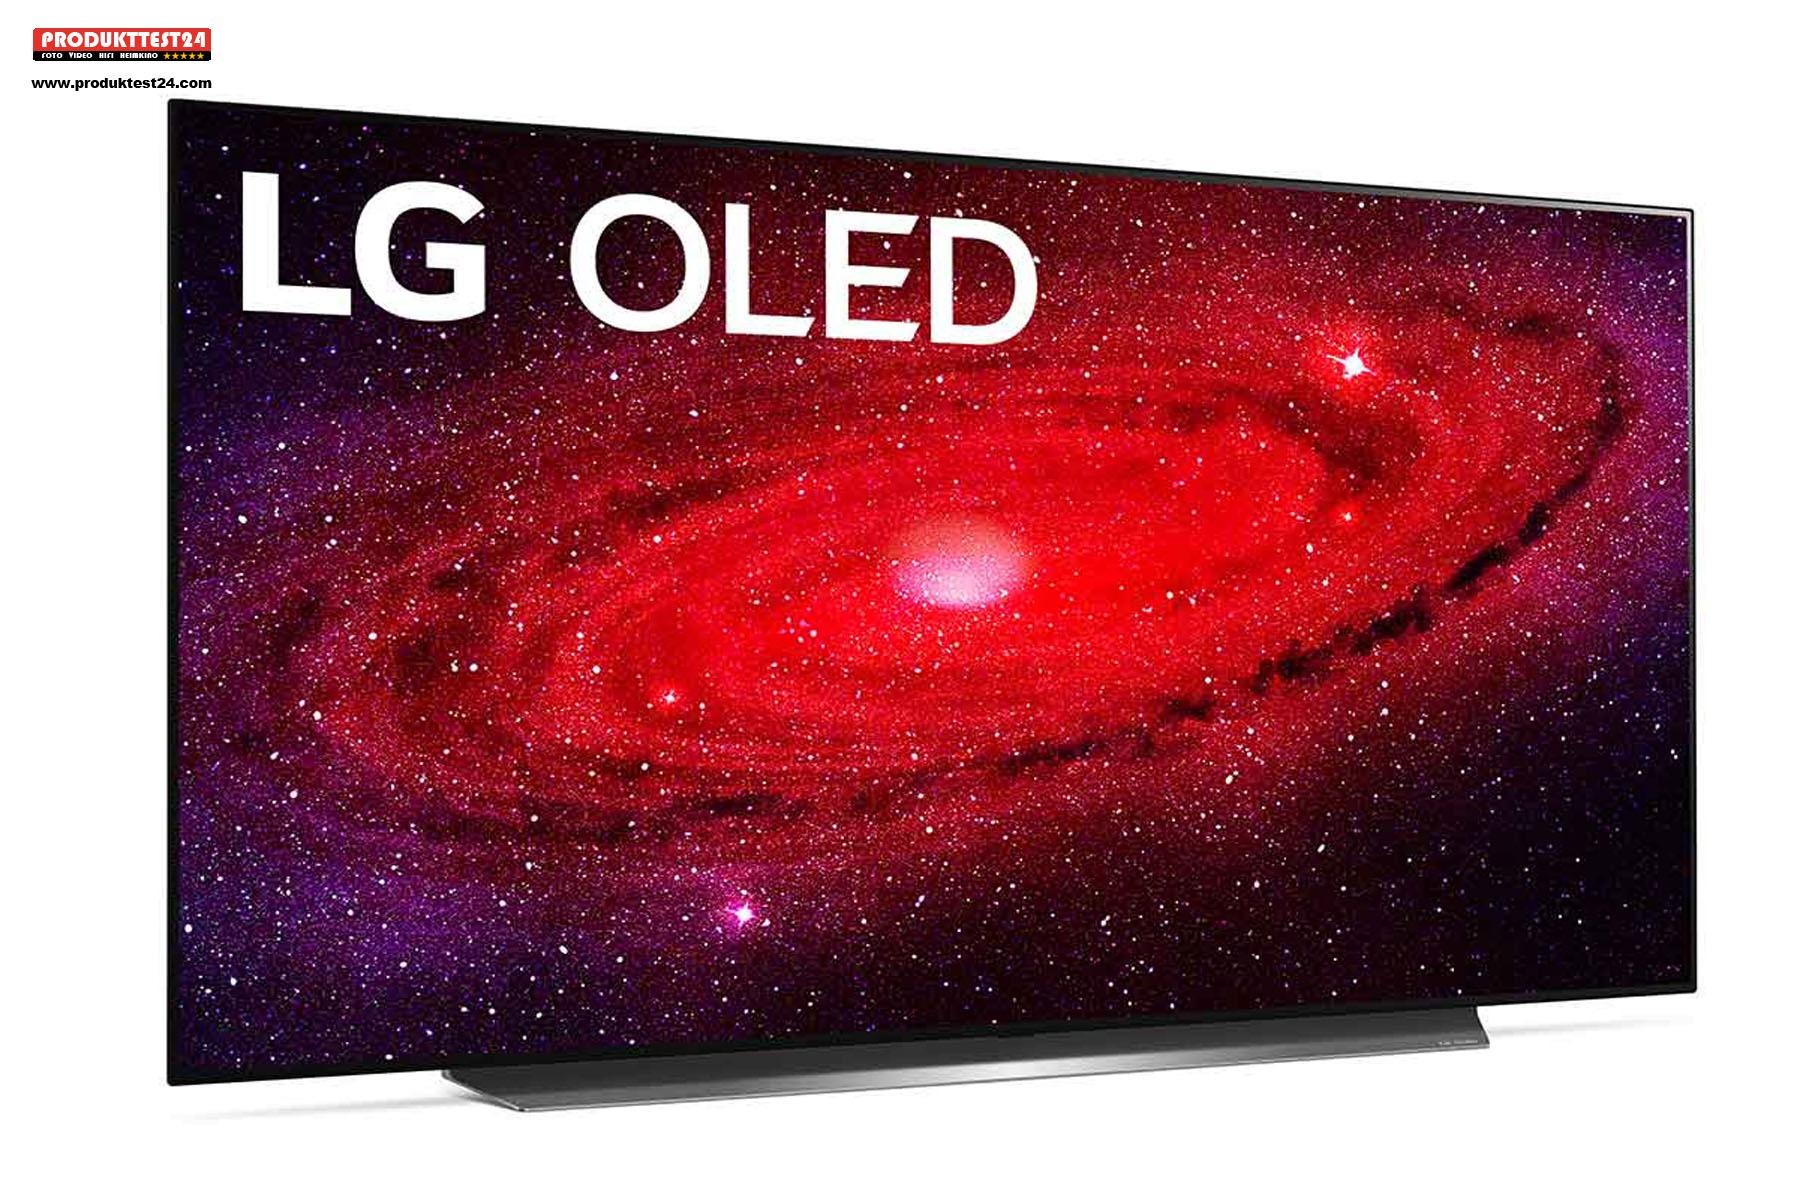 Das neue Spitzenmodell. Der LG OLED55CX9LA - 4K OLED Fernseher